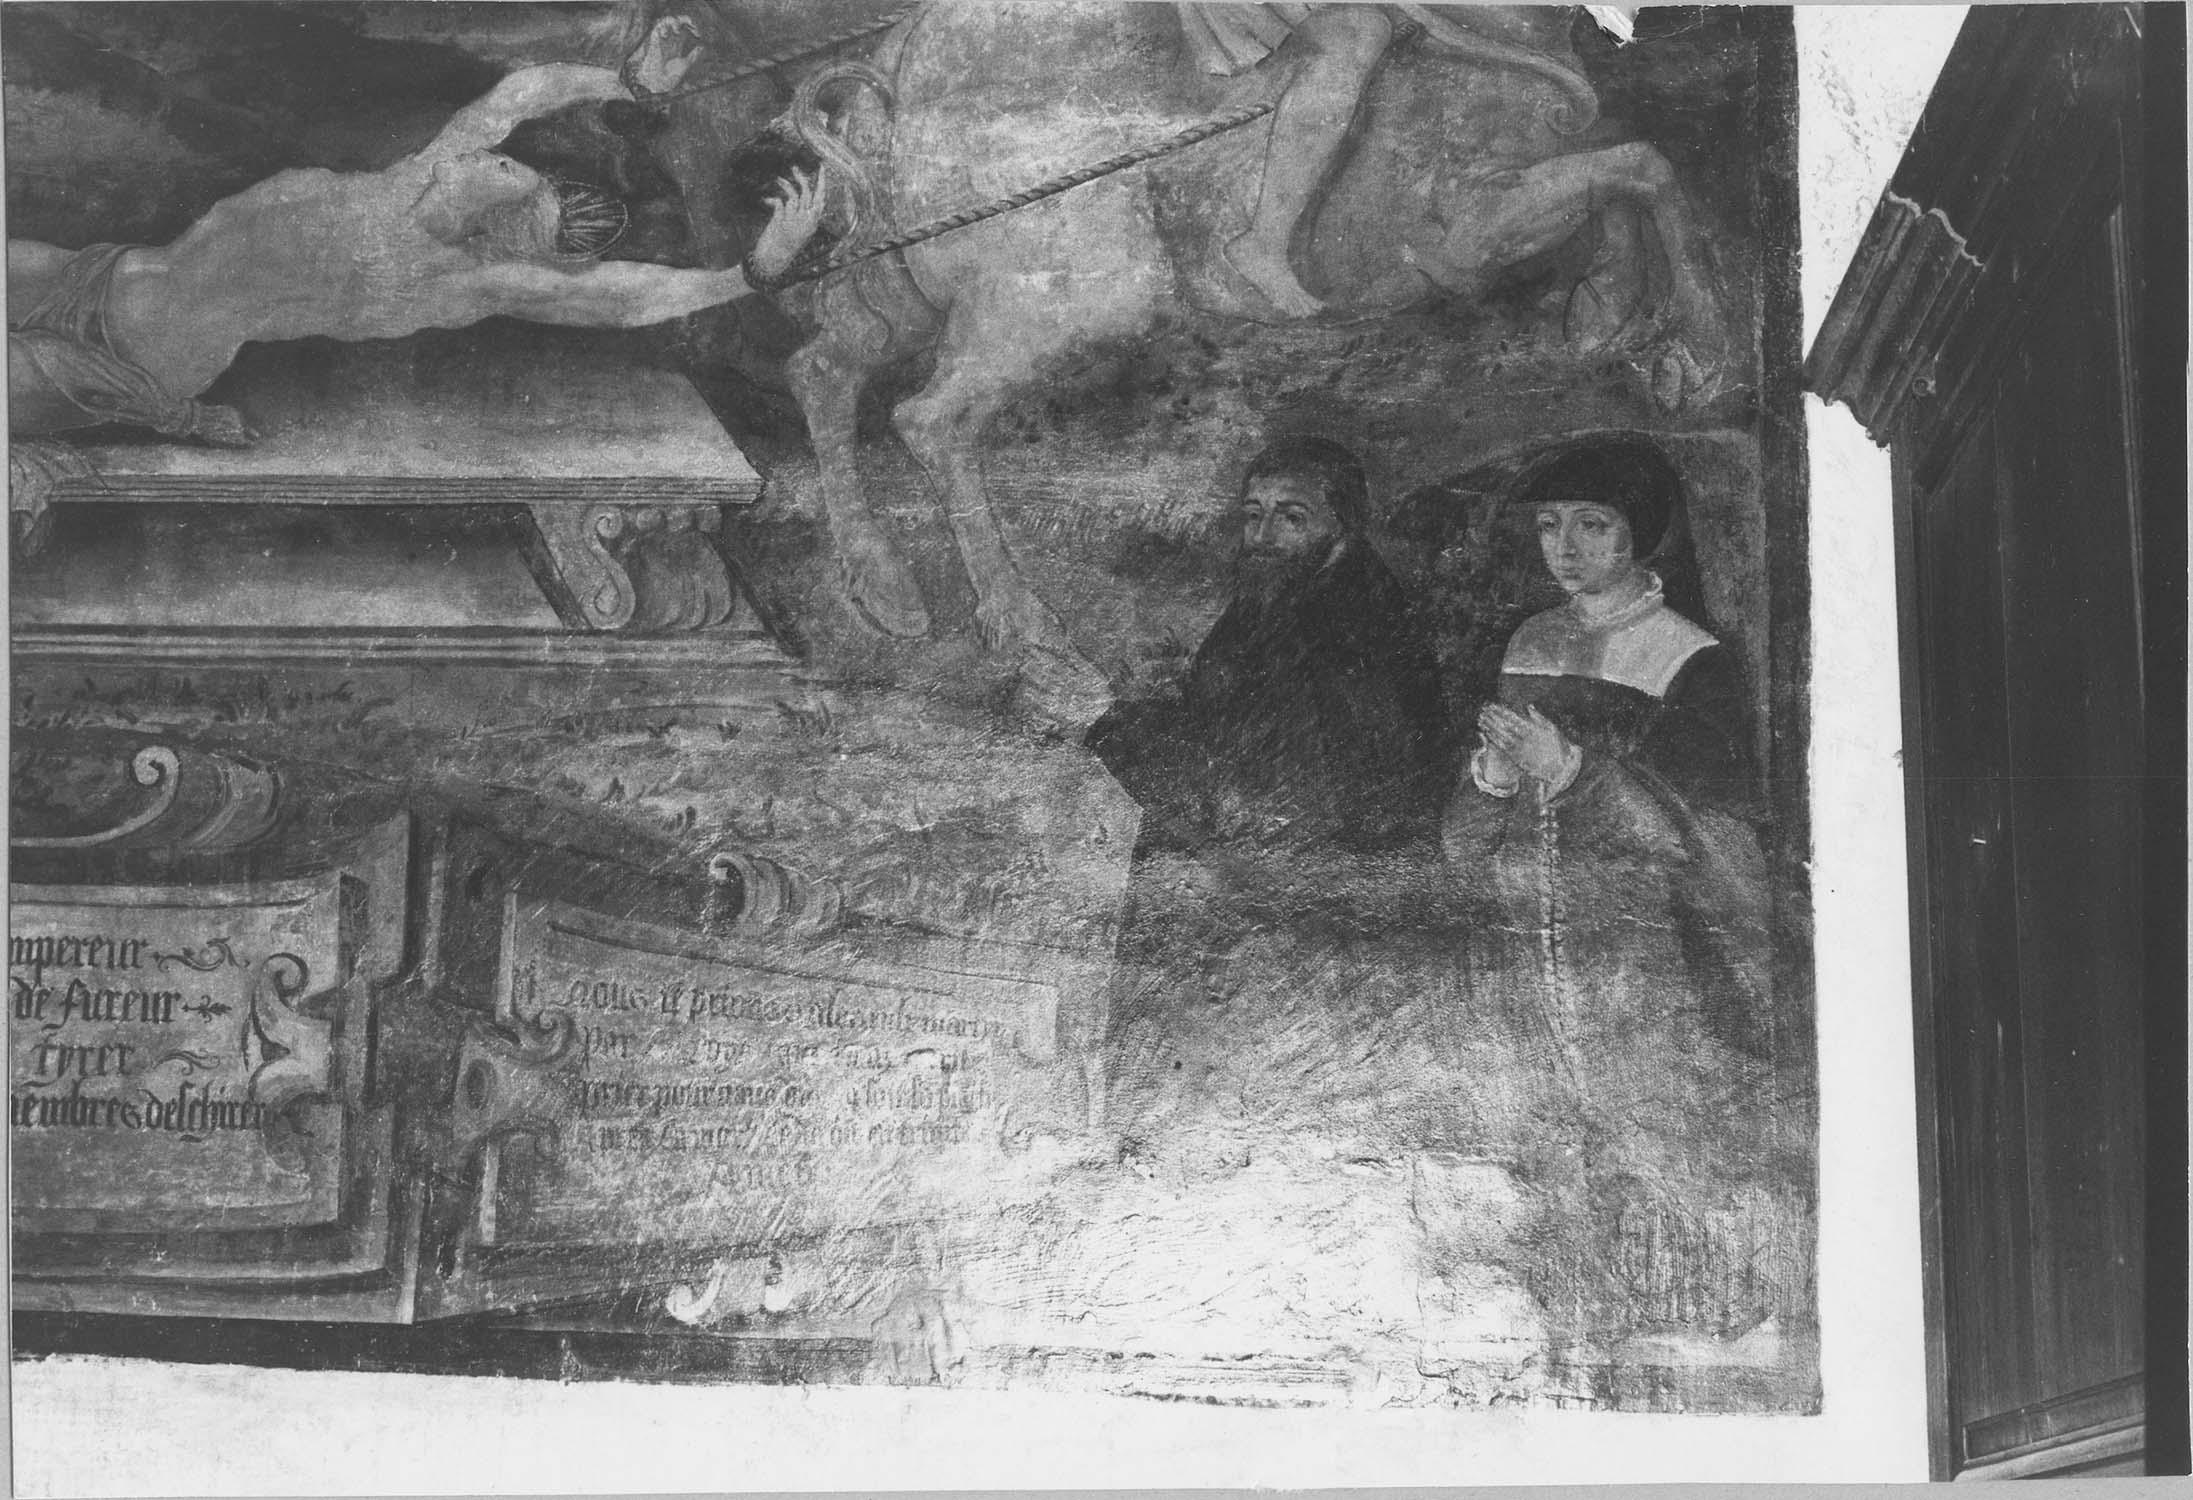 Peinture monumentale : le Martyre de saint Hippolyte